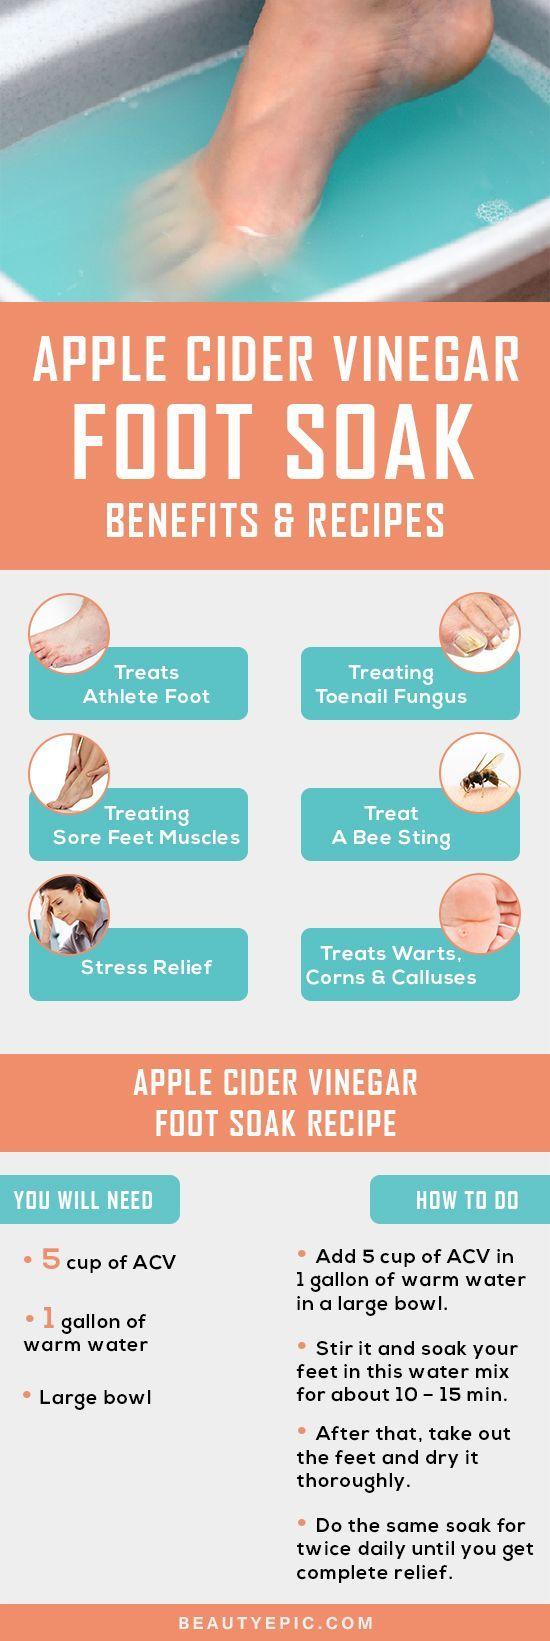 soaking feet in apple cider vinegar